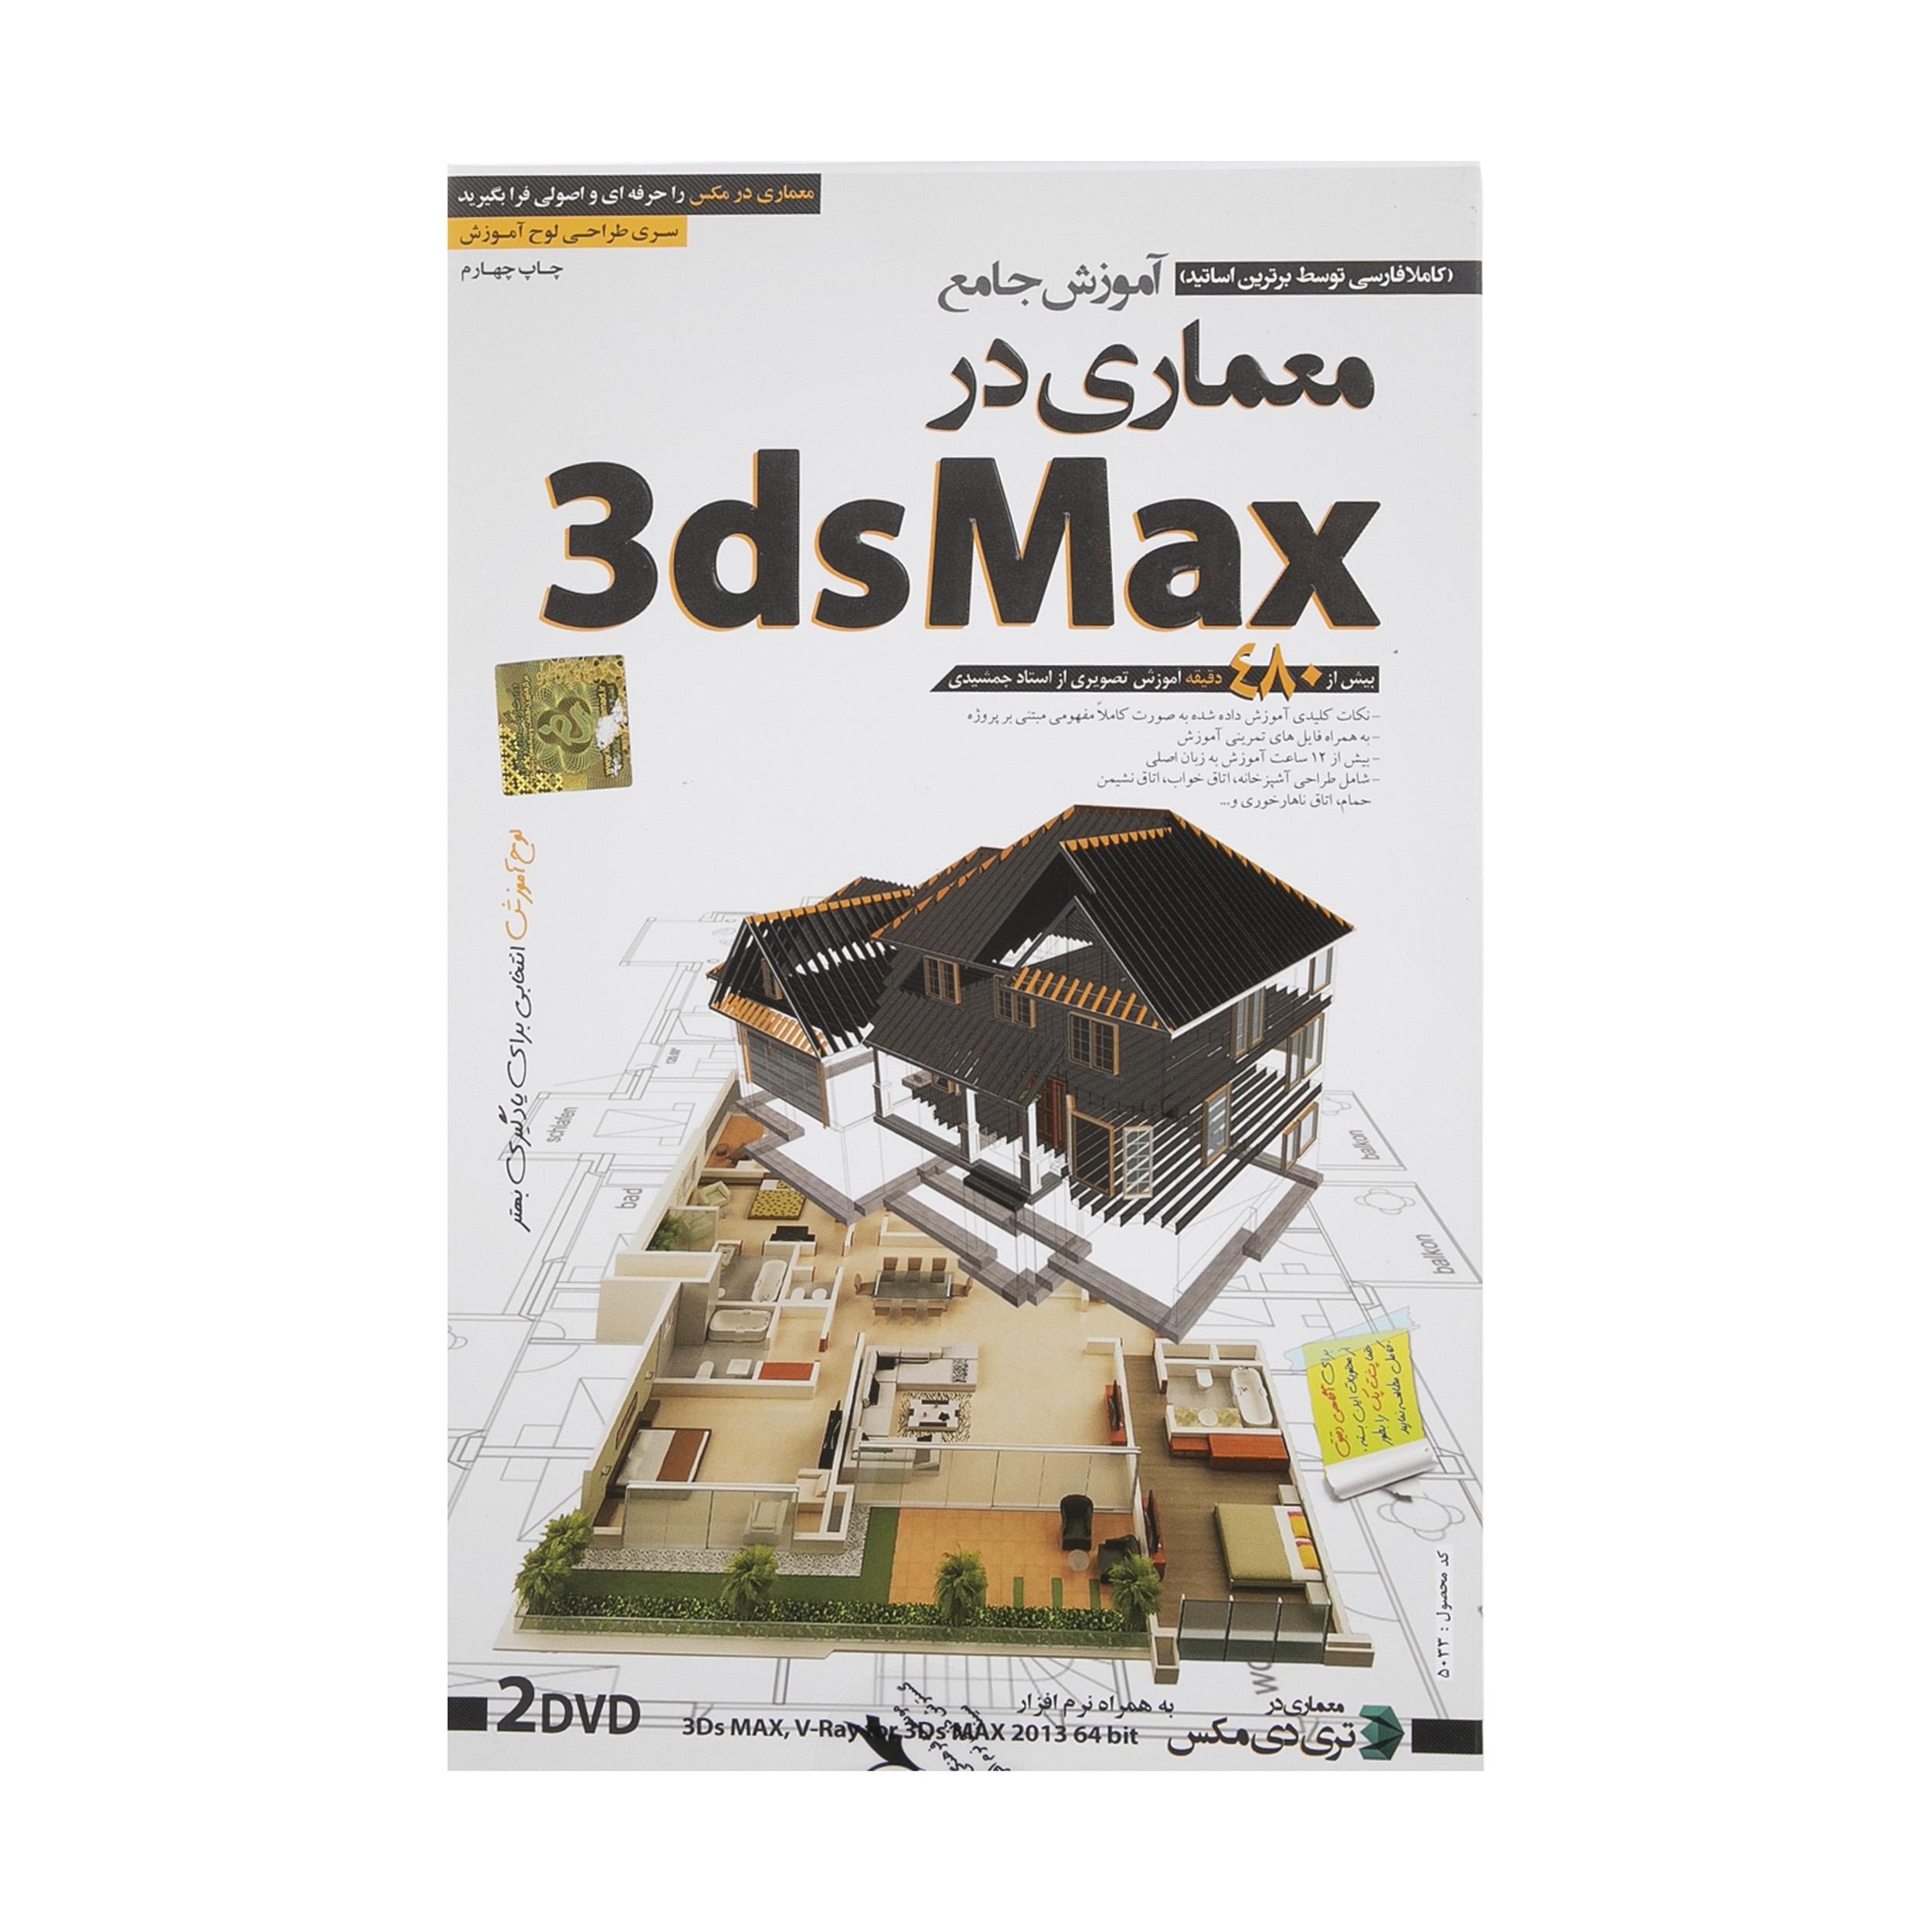 آموزش جامع معماری در 3dsMax نشر دنیای نرم افزار سینا